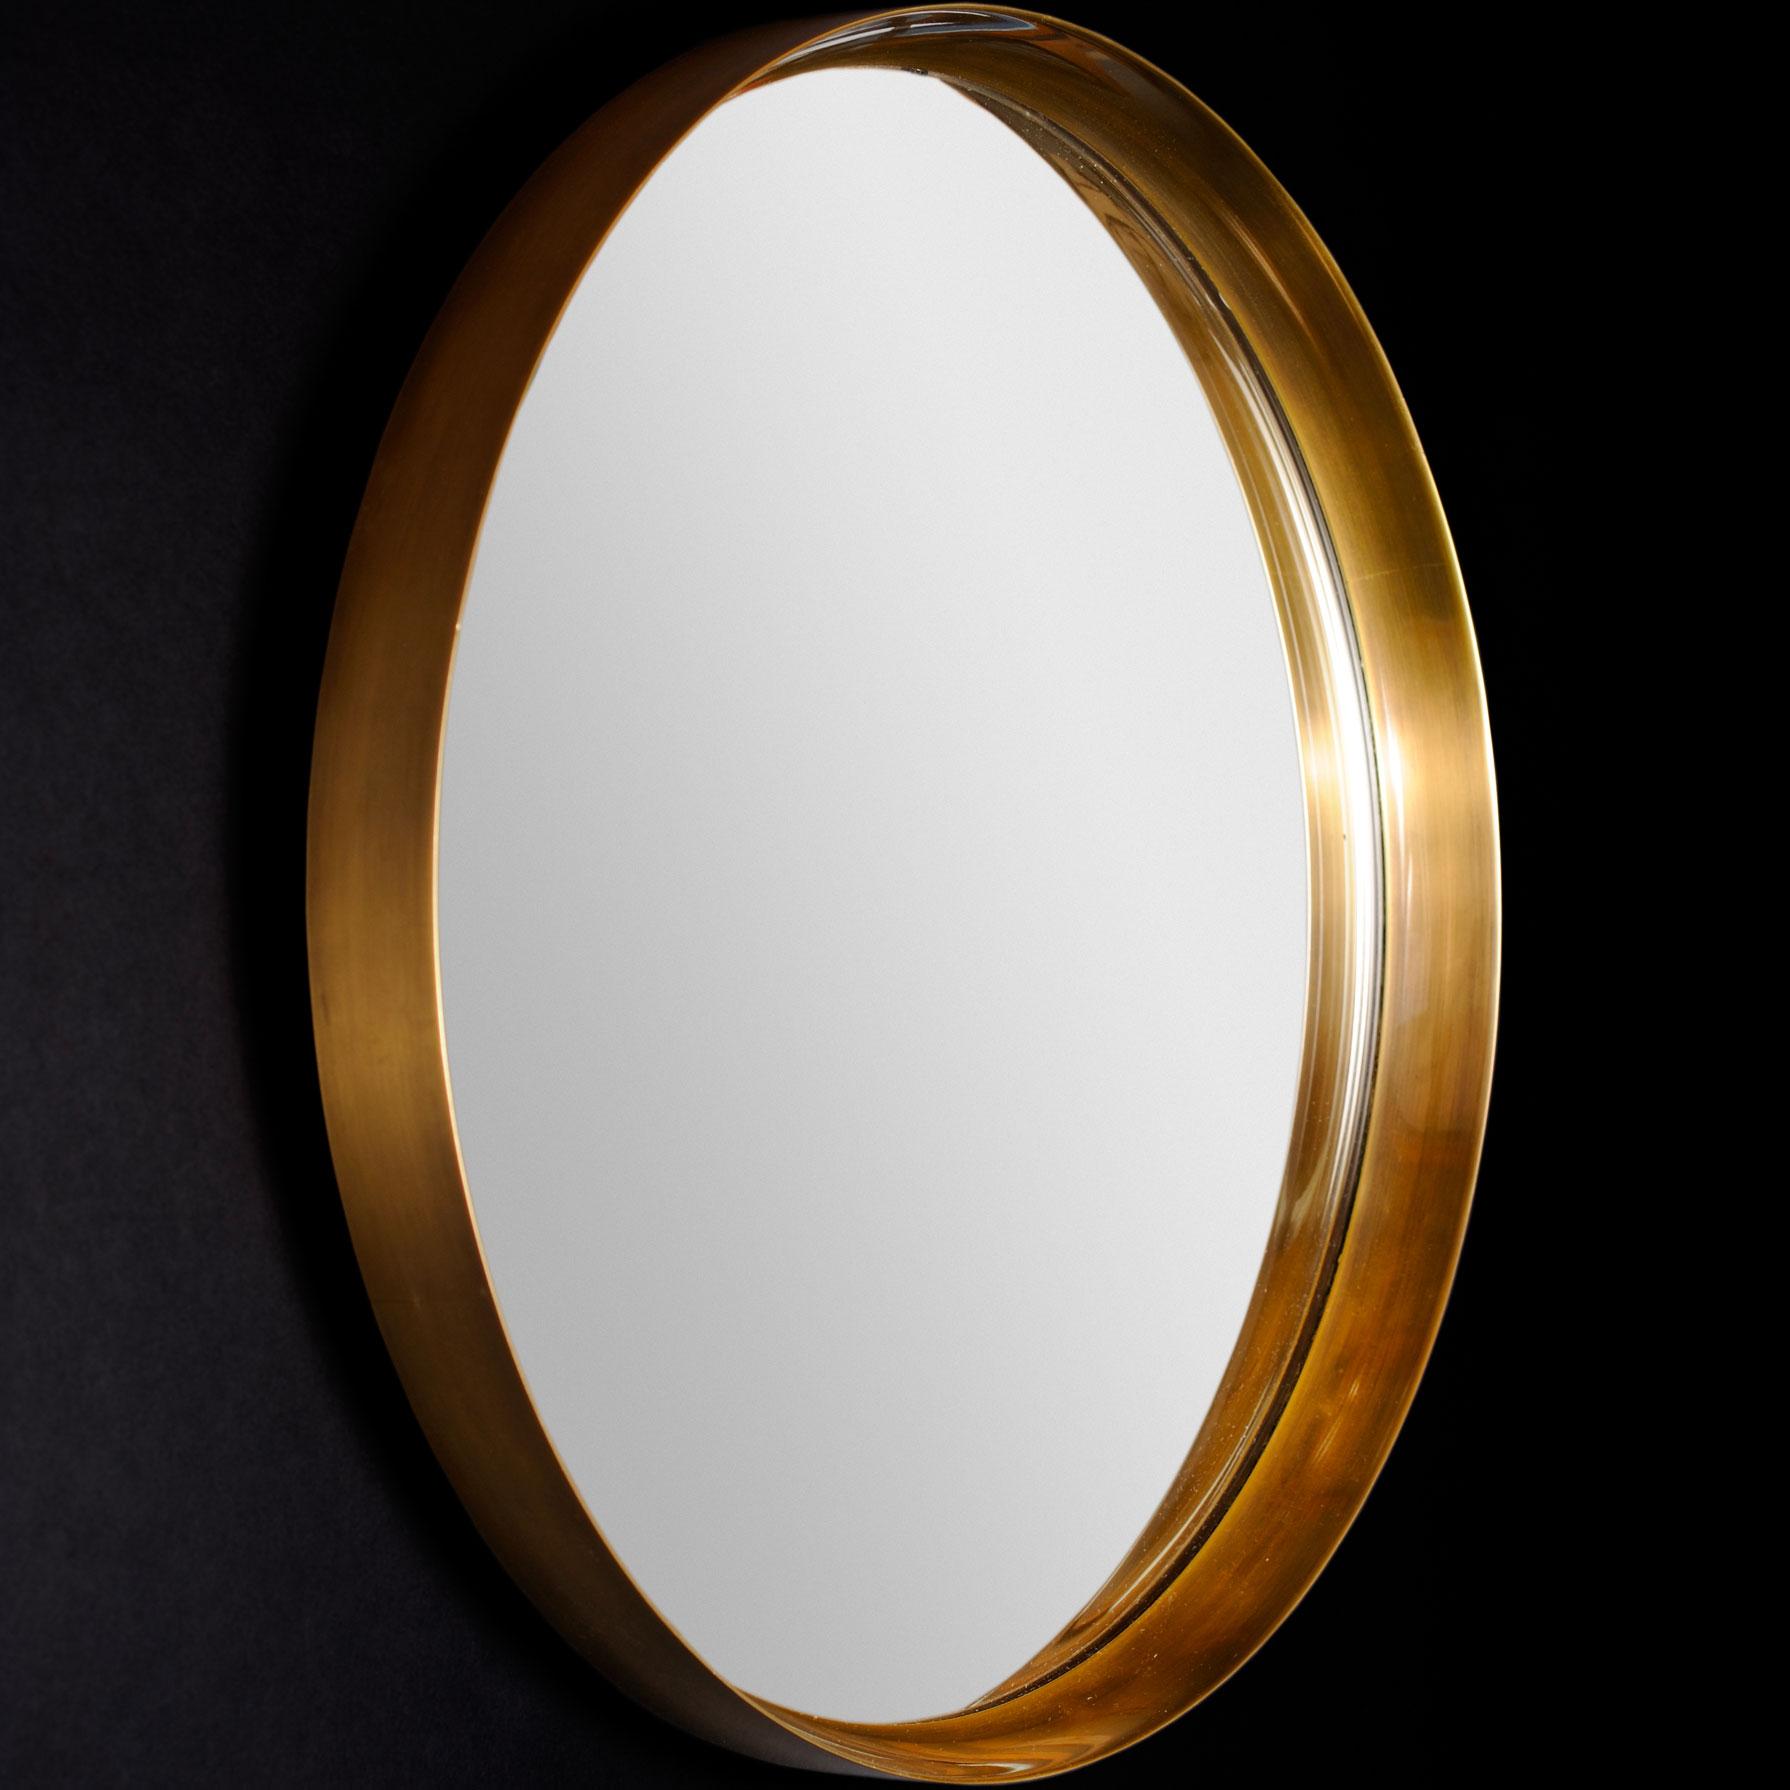 Jacques Quinet, Circular mirror, vue 01